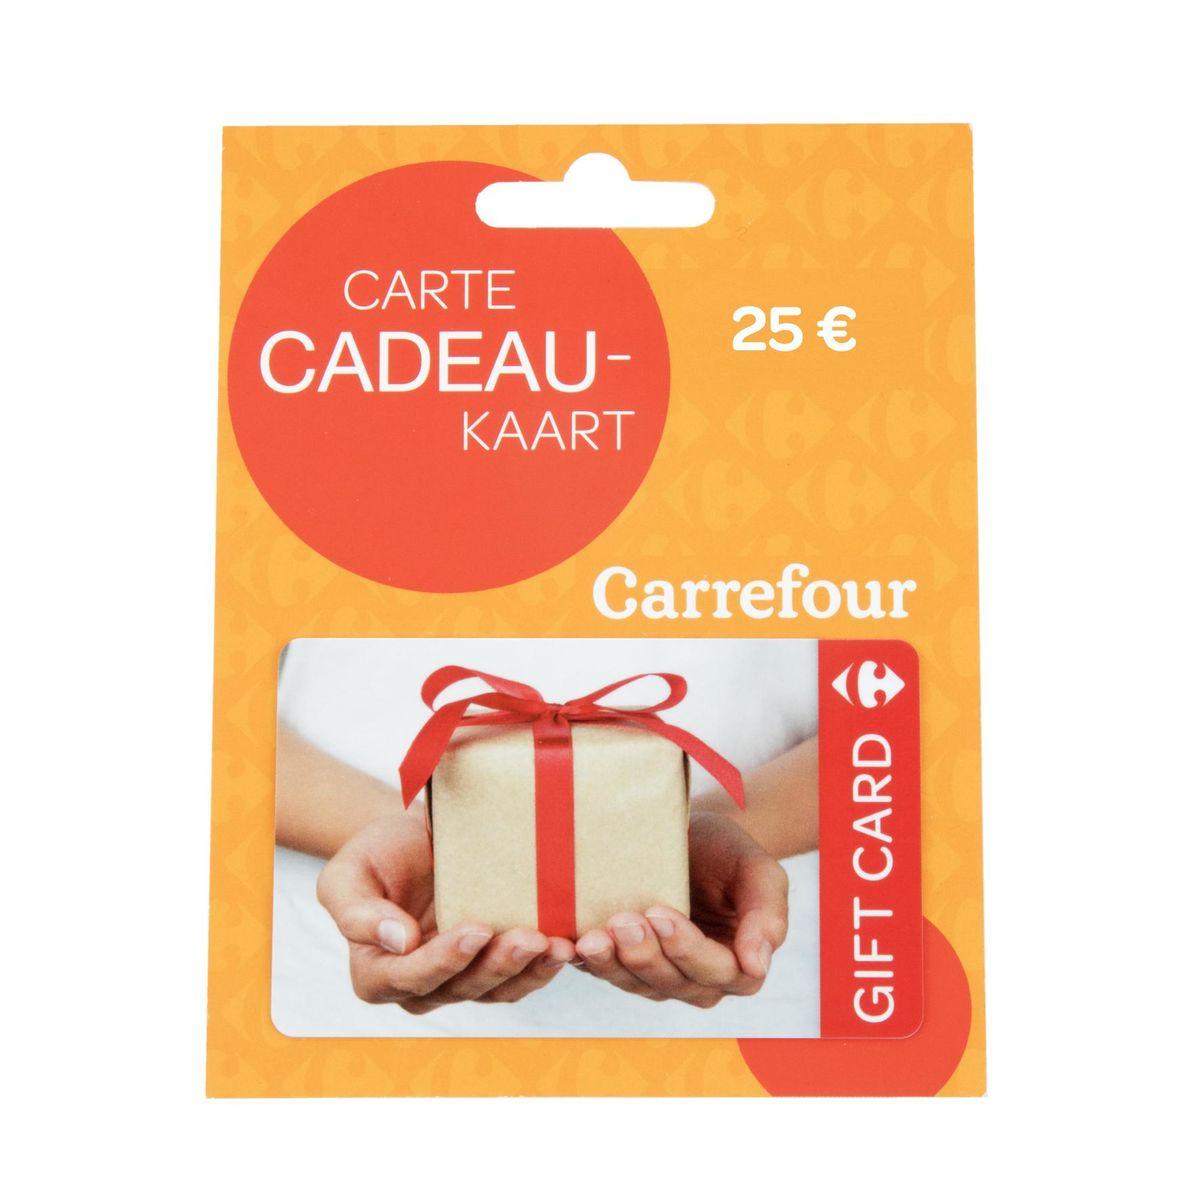 Cadeaukaart Carrefour 25 €